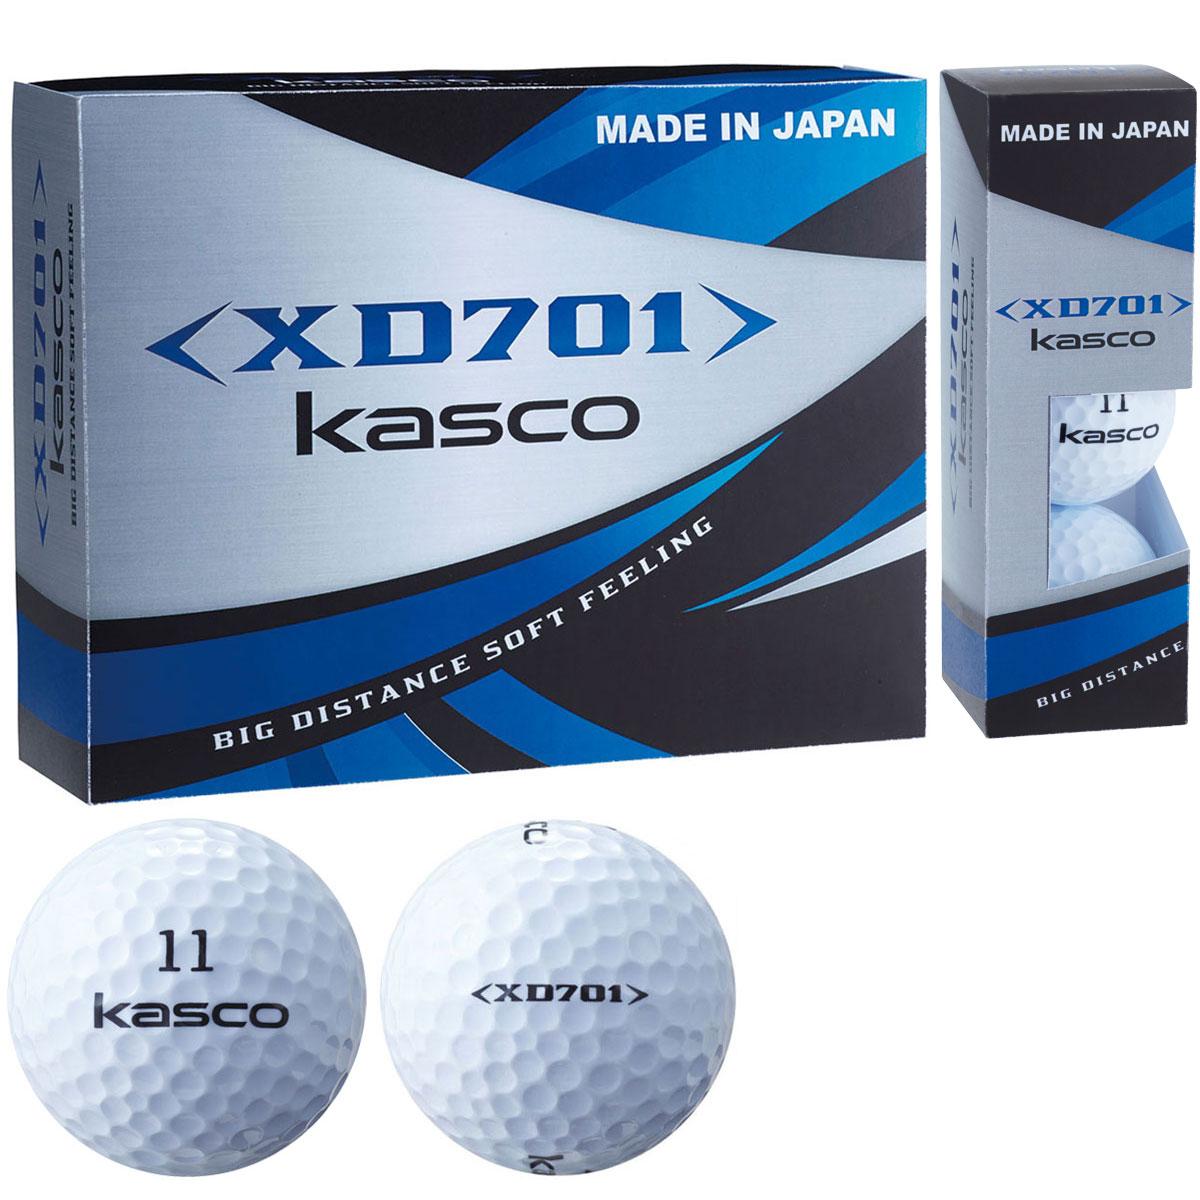 XD701 2ピースボール